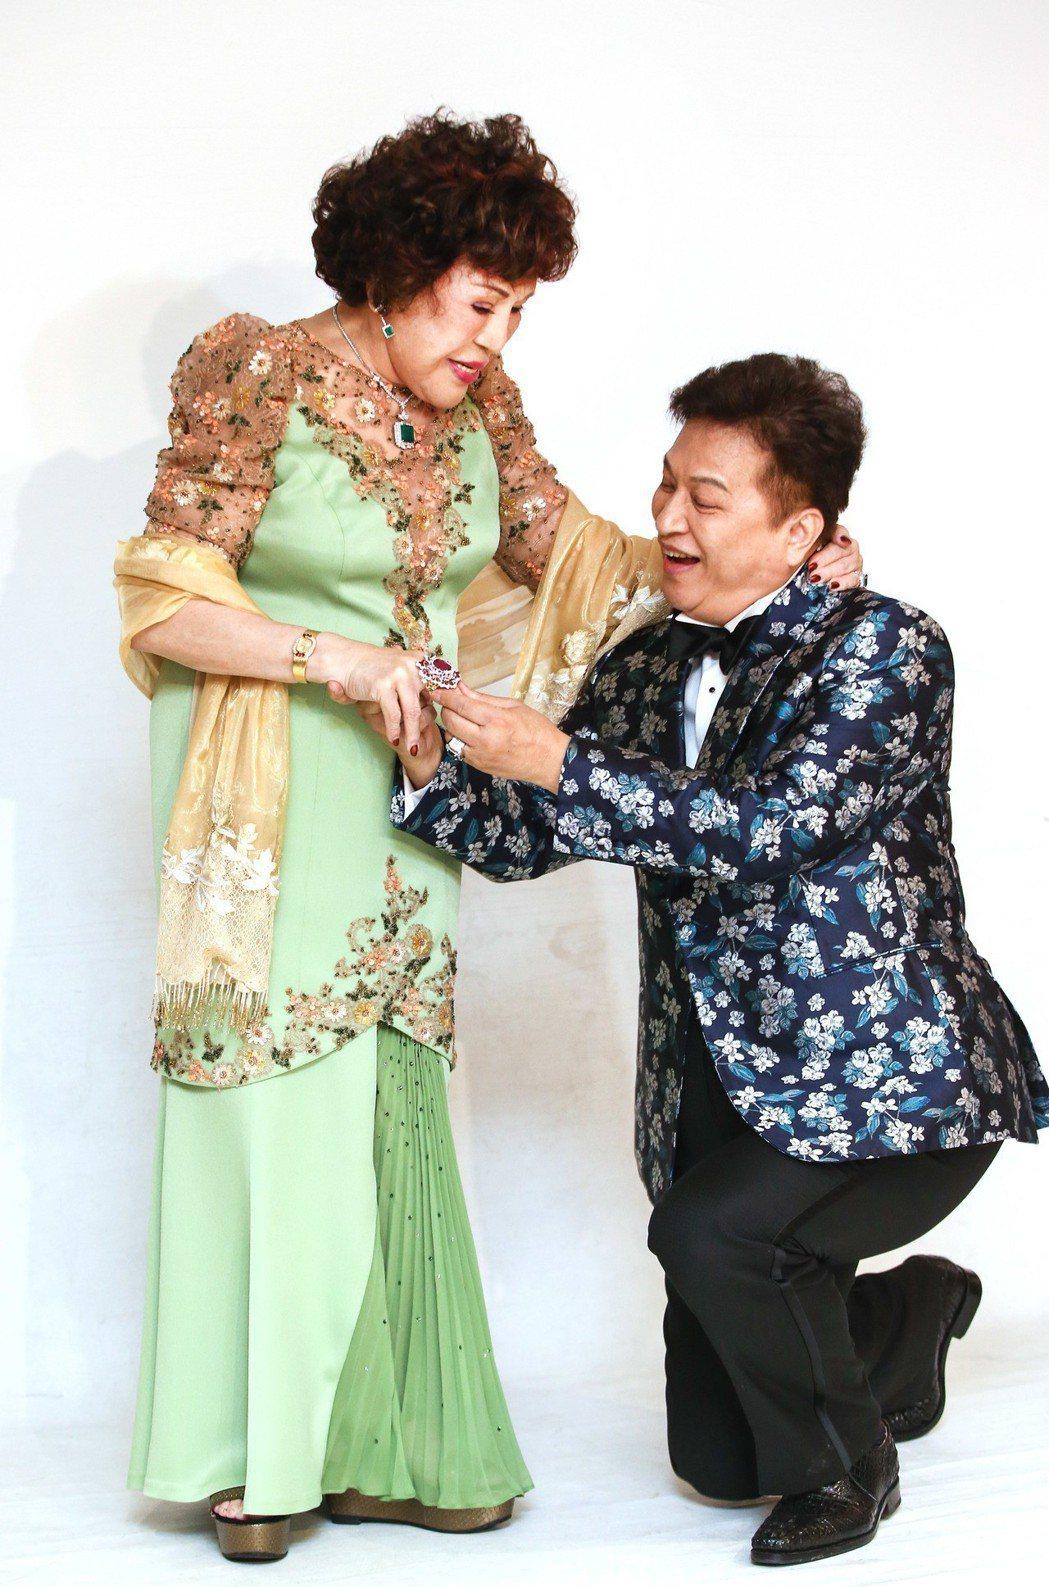 周遊和李朝永下午進攝影棚拍婚紗照,秀出56克拉紅寶石珠寶。記者陳柏亨/攝影